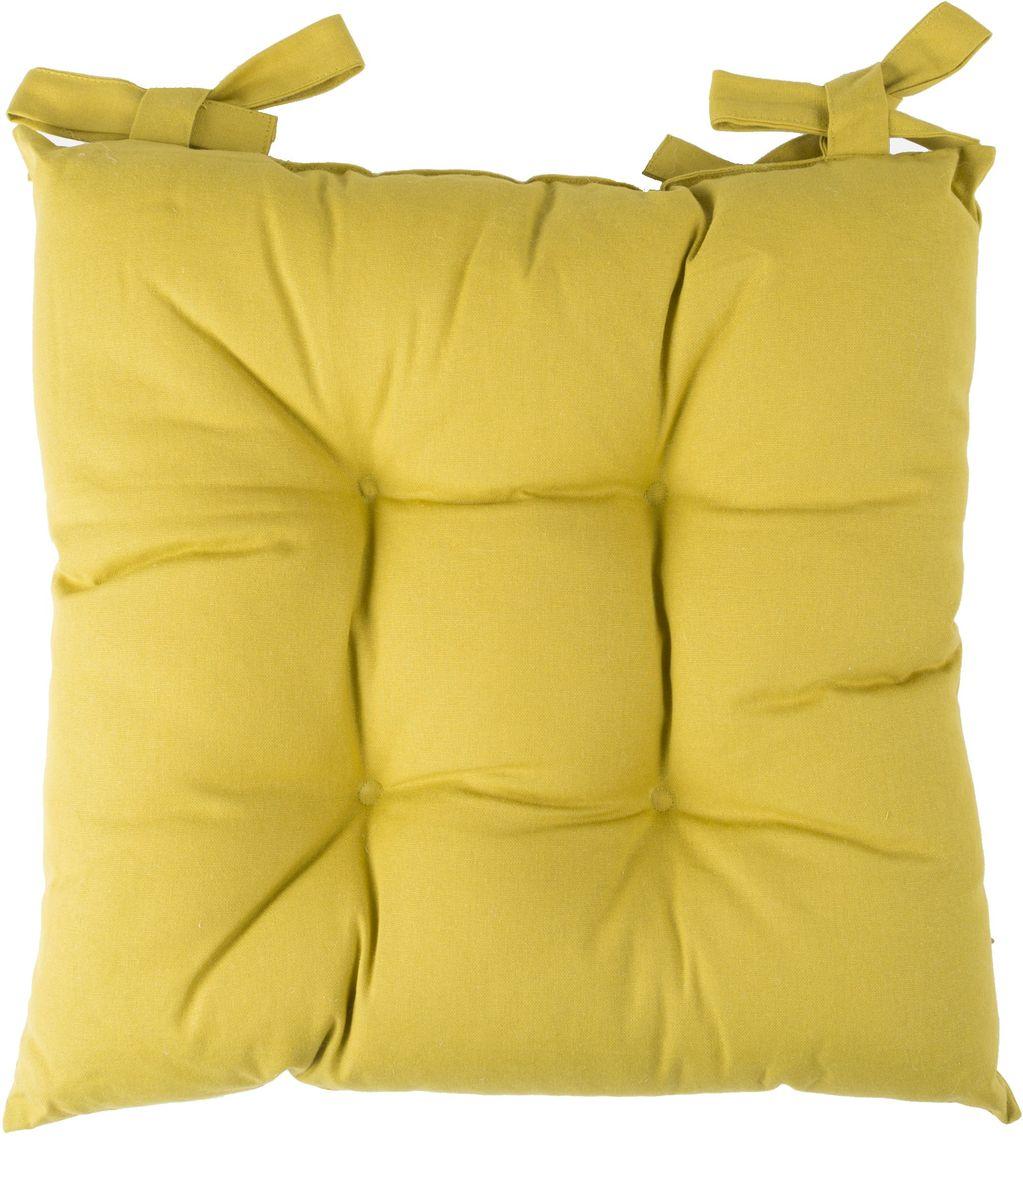 Подушка на стул Daily by Togas Стелла, 45 х 45 см10.01.03.0060СТЕЛЛА Сиденье для стула 45х45, 1 предмет, хлопок.